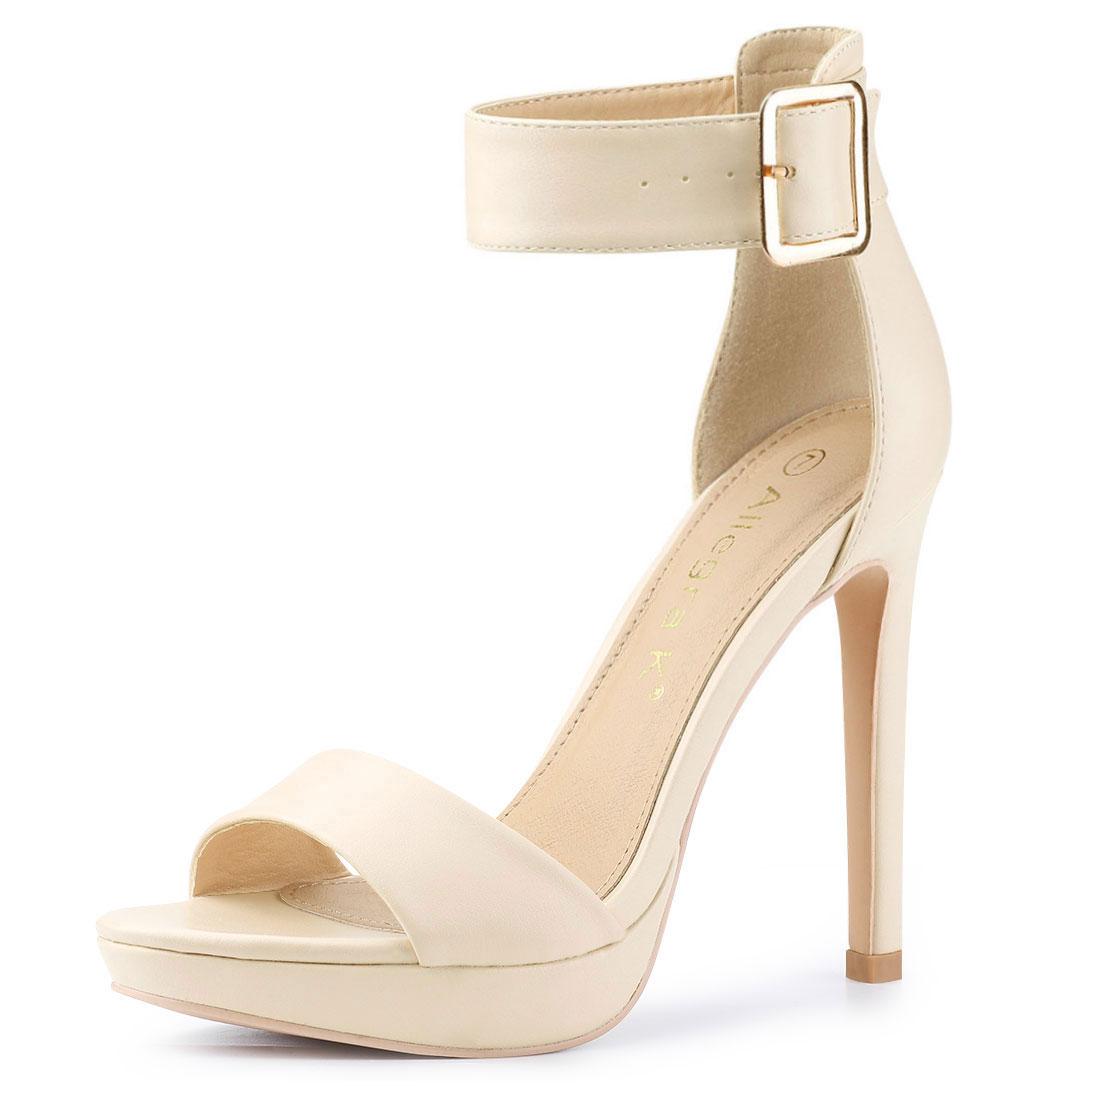 Allegra K Women's Open Toe Platform Strap Stiletto Heel Sandals Beige US 7